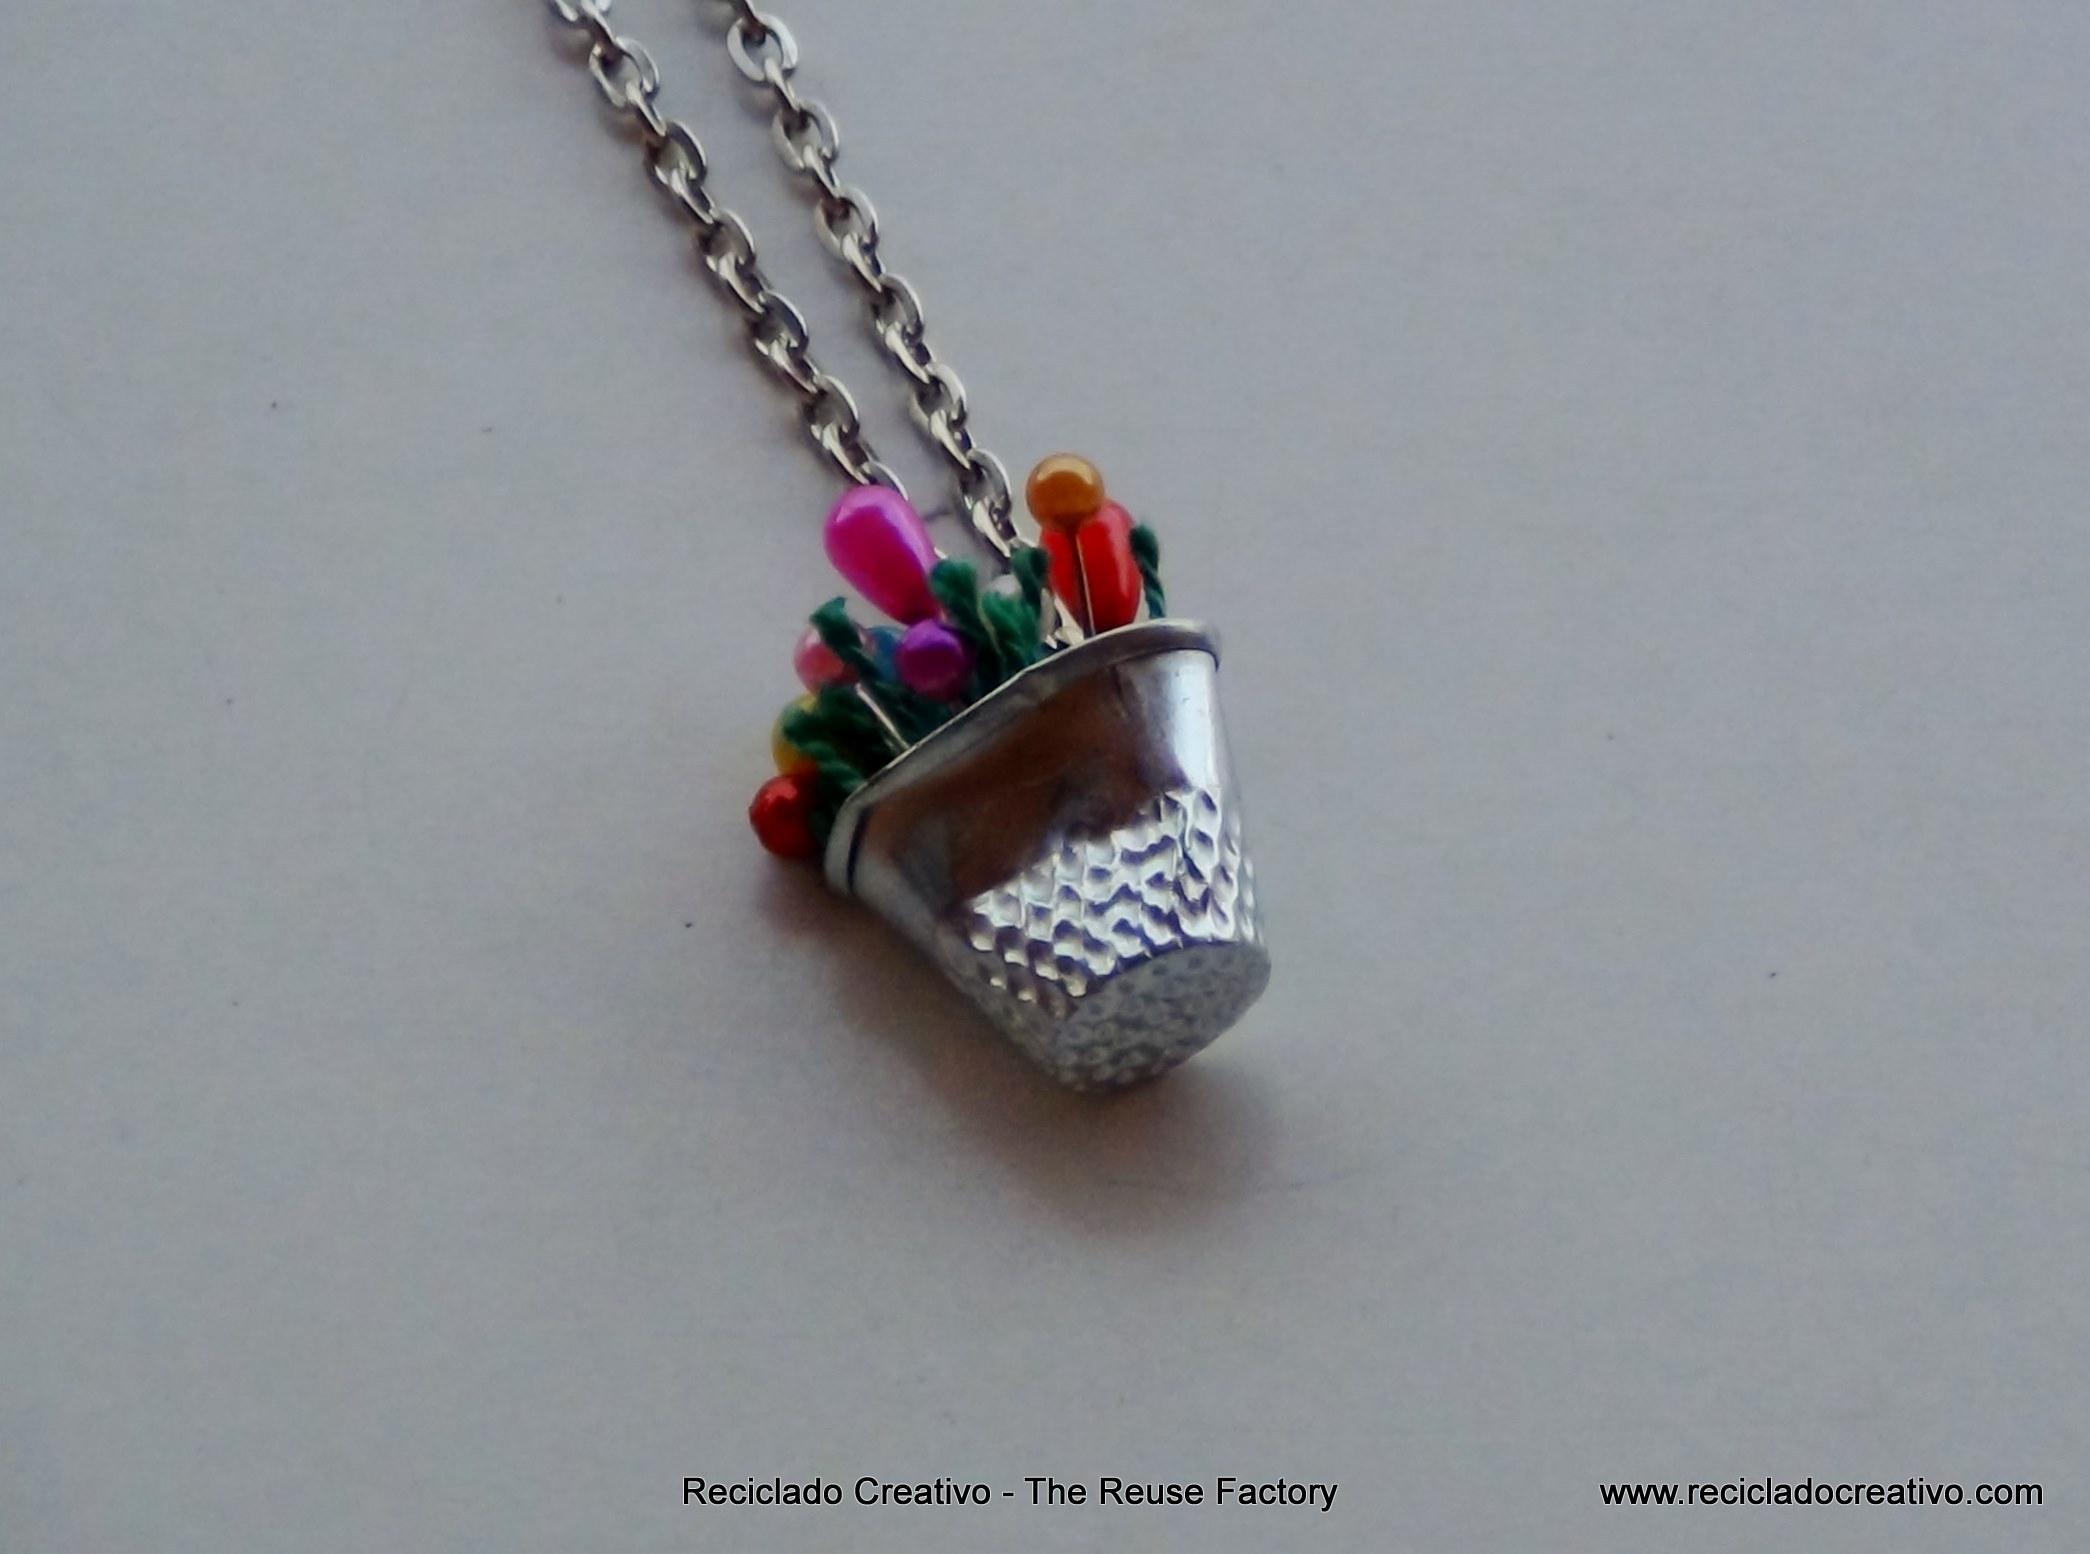 Colgante para collar realizado con un dedal y alfileres de colores